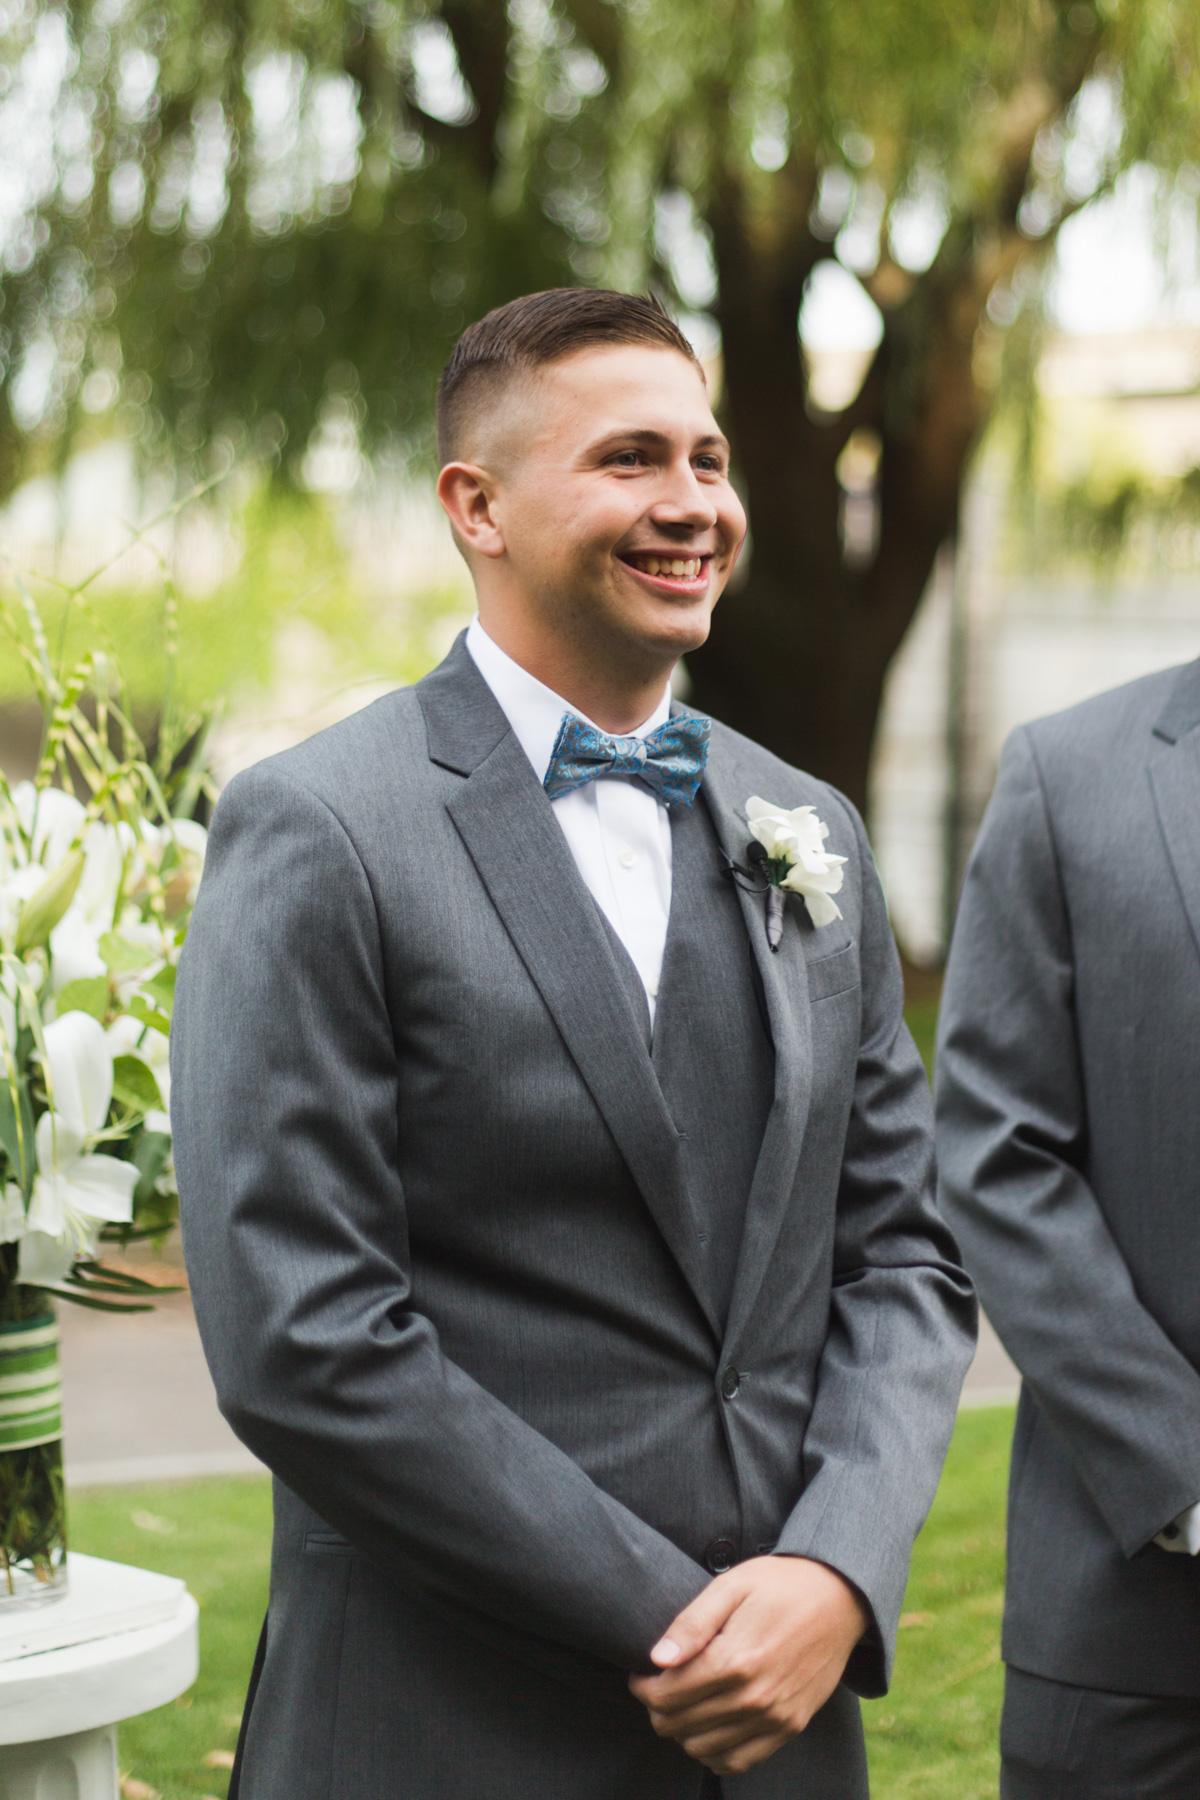 boston-wedding-hotel-marlowe-cambridge-photography-127